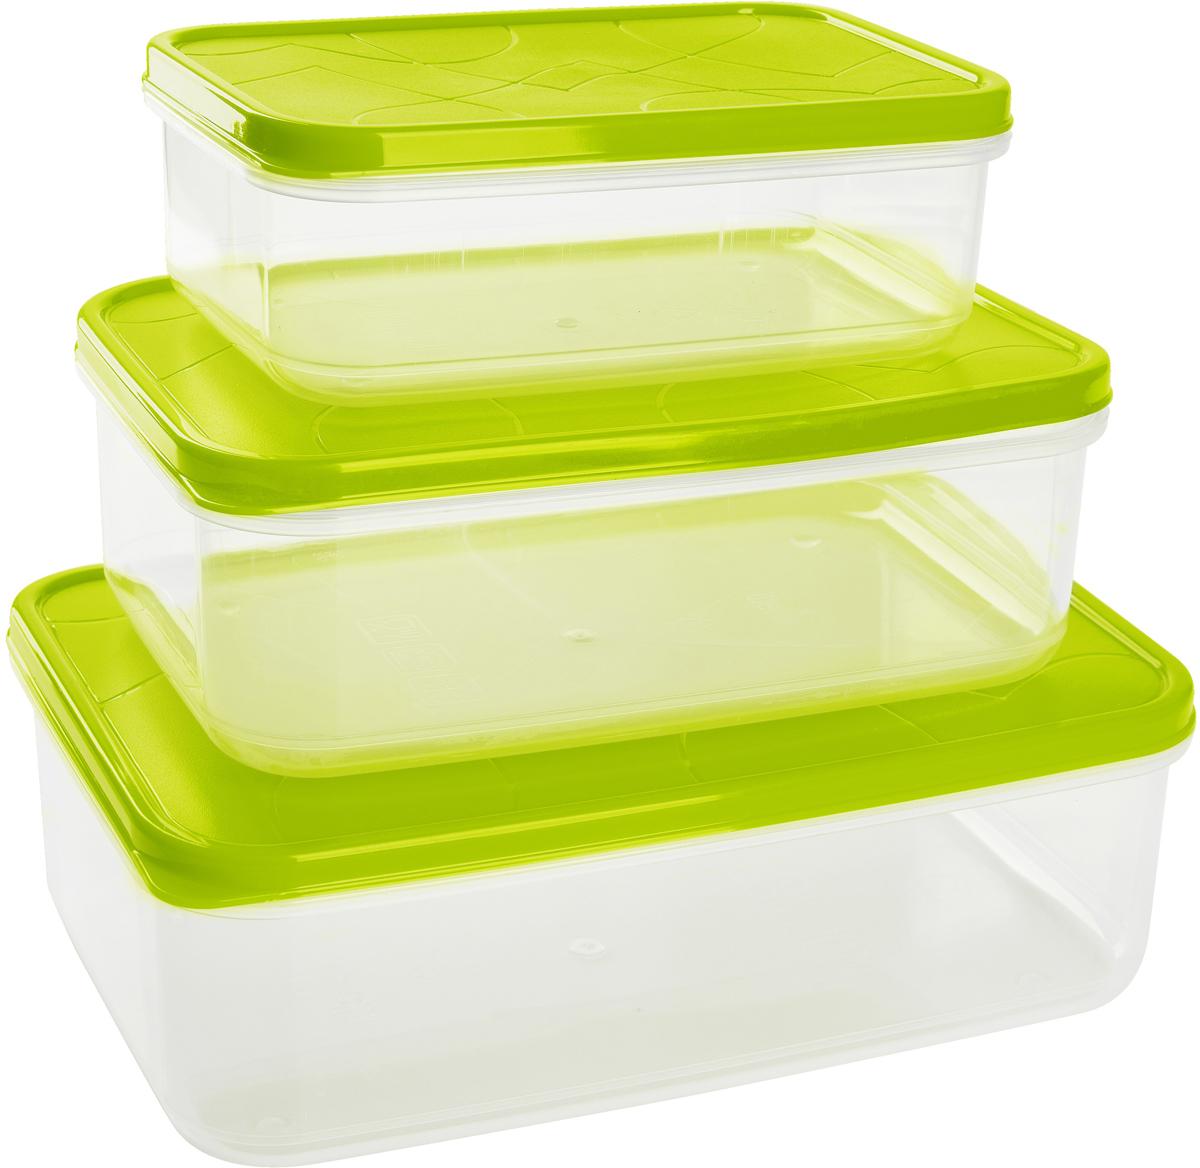 Набор контейнеров для продуктов Giaretti Vitamino, прямоугольные, цвет: оливковый, 3 шт контейнеры из полимеров migura контейнер 0 3 л